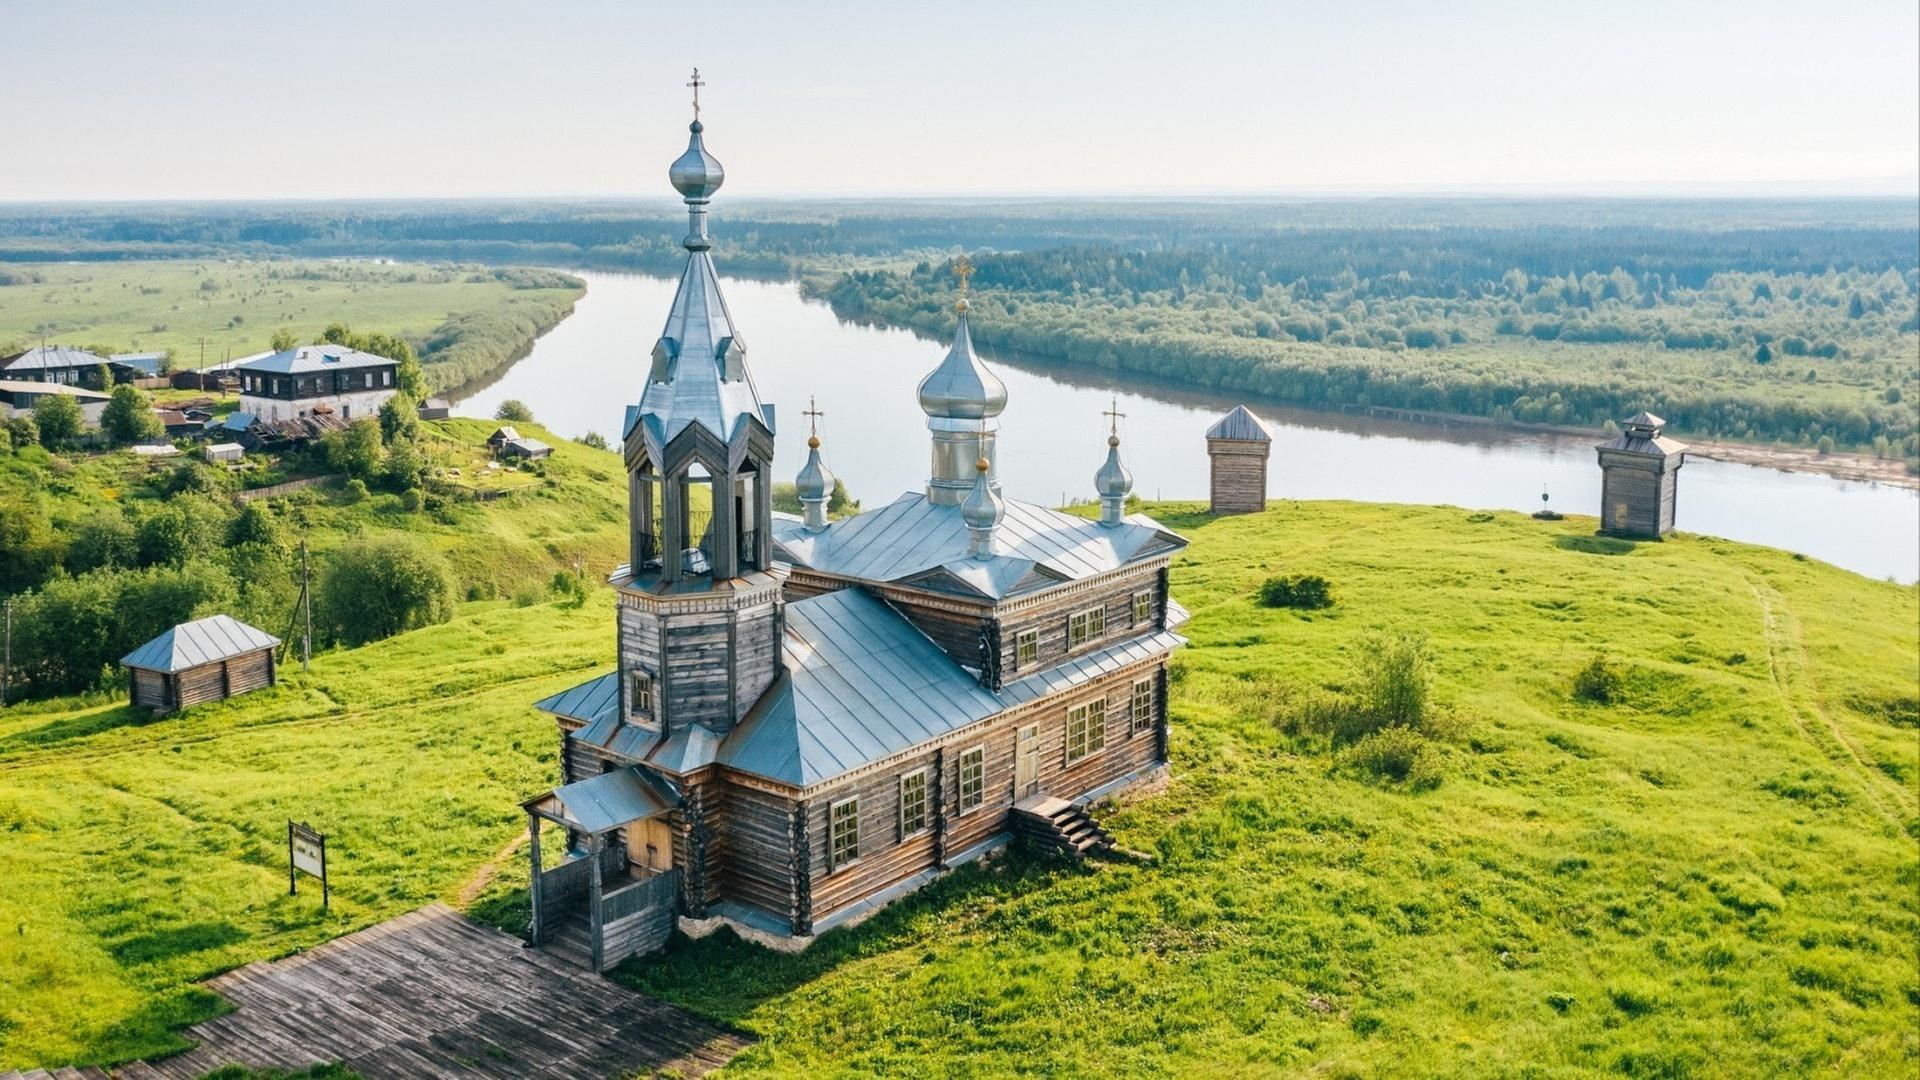 Igreja ortodoxa russa antiga feita de madeira no topo da colina perto do rio na aldeia de Cherdyn, vista aérea